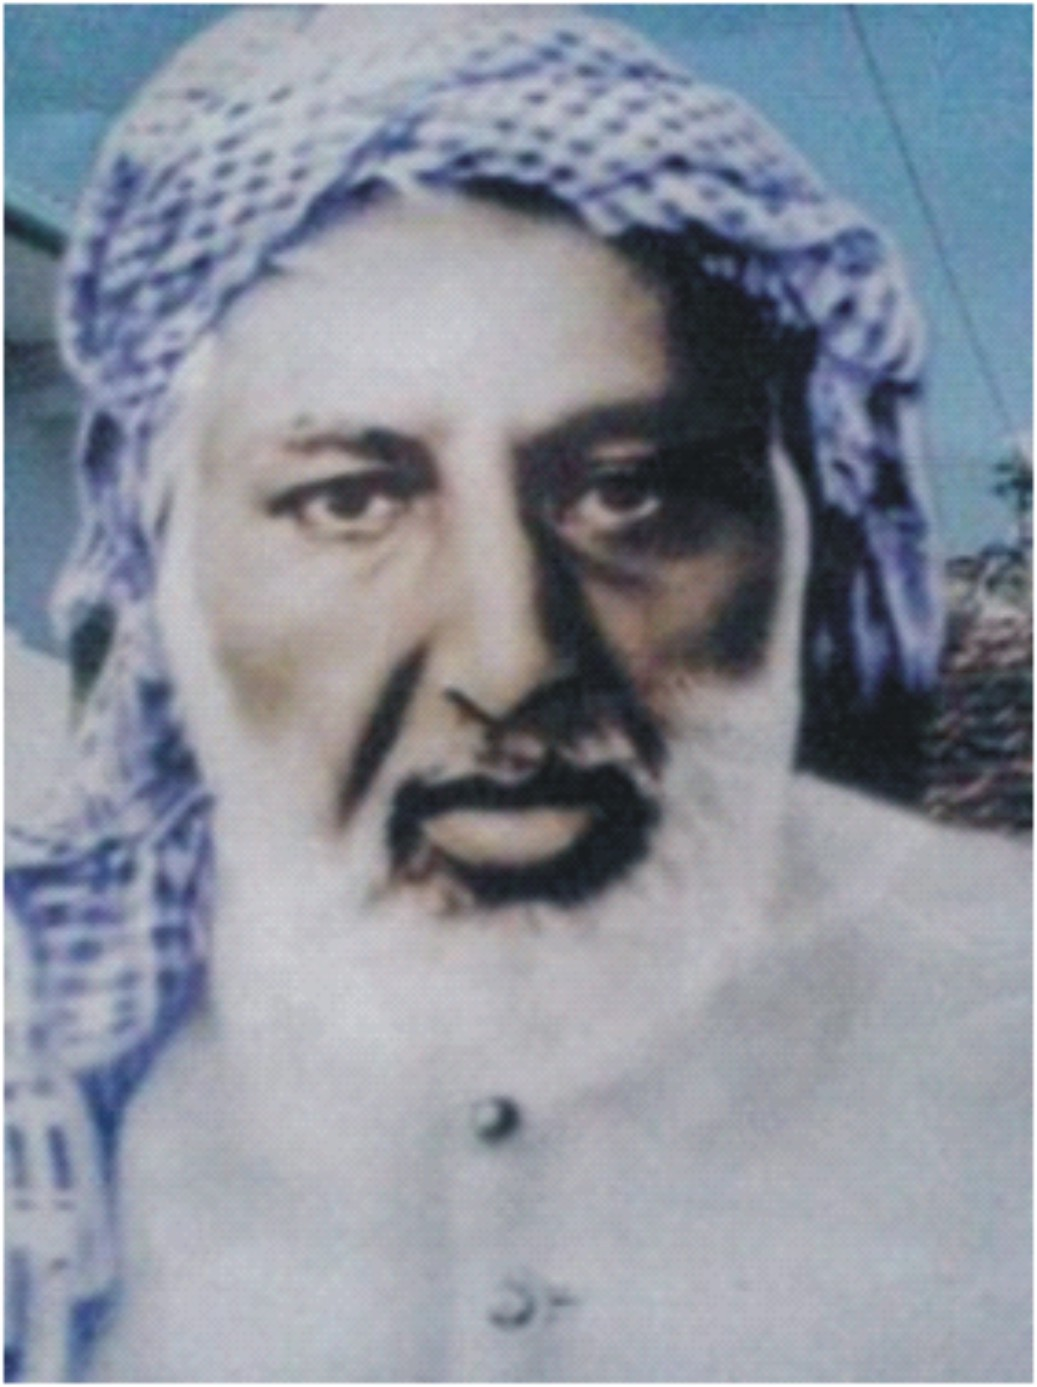 http://3.bp.blogspot.com/-4-0KGVAXD3k/TolnnSla3-I/AAAAAAAAAww/erq53LhWLKs/s1600/Sayyid+Hamzah+Syatho.jpg